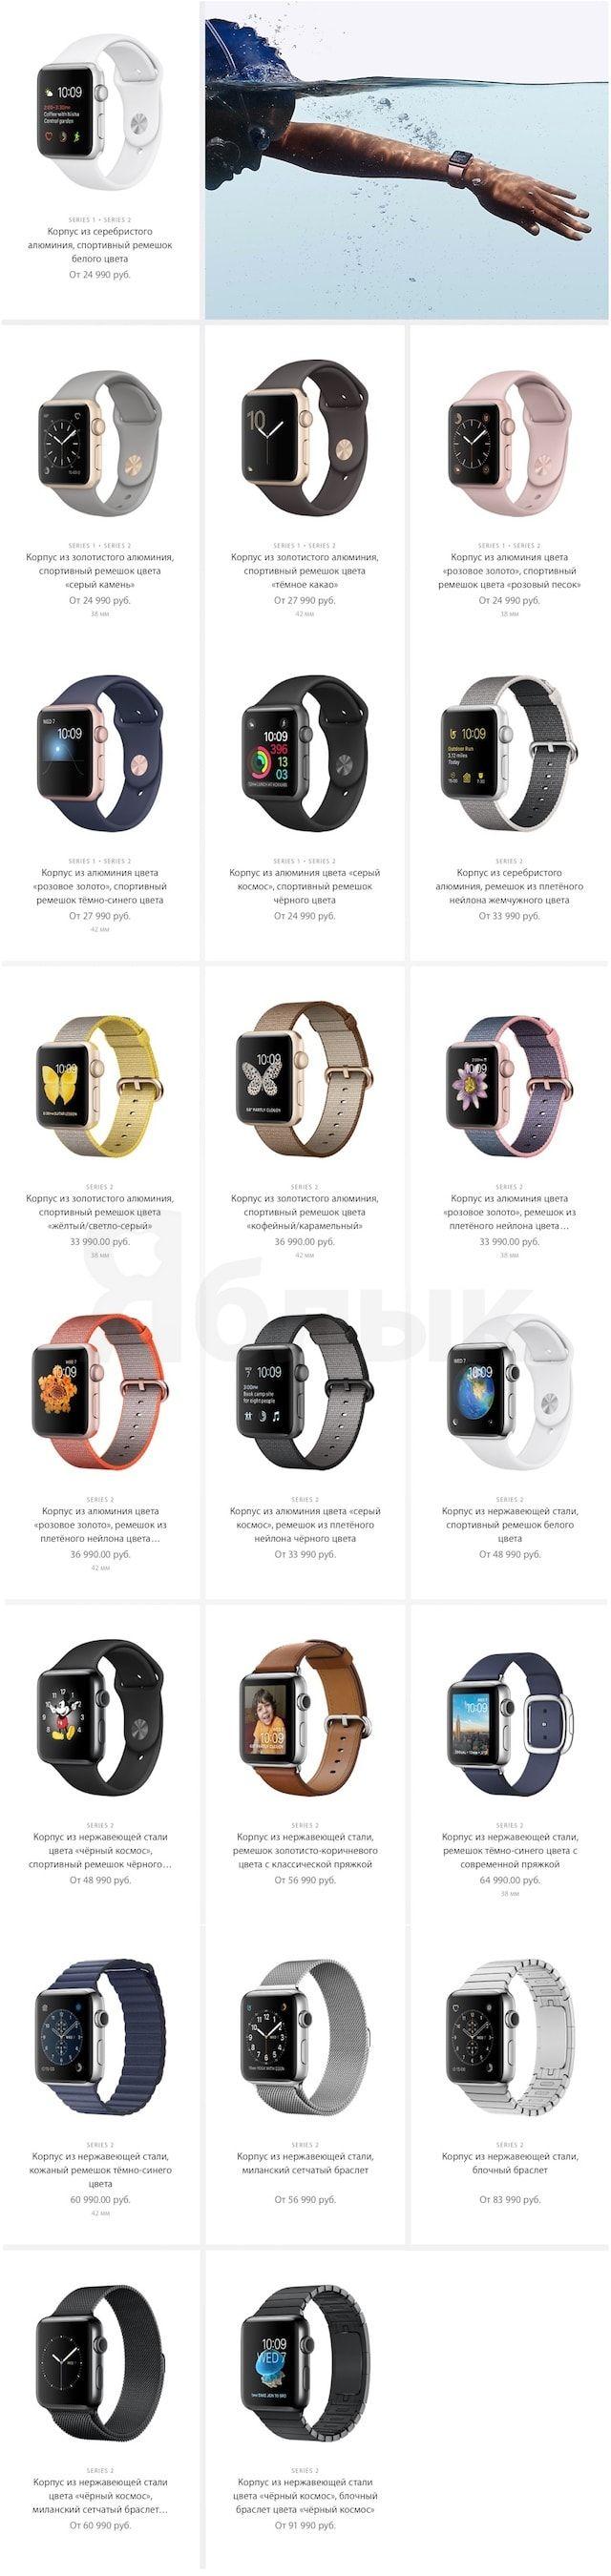 цены на Apple Watch Series 2